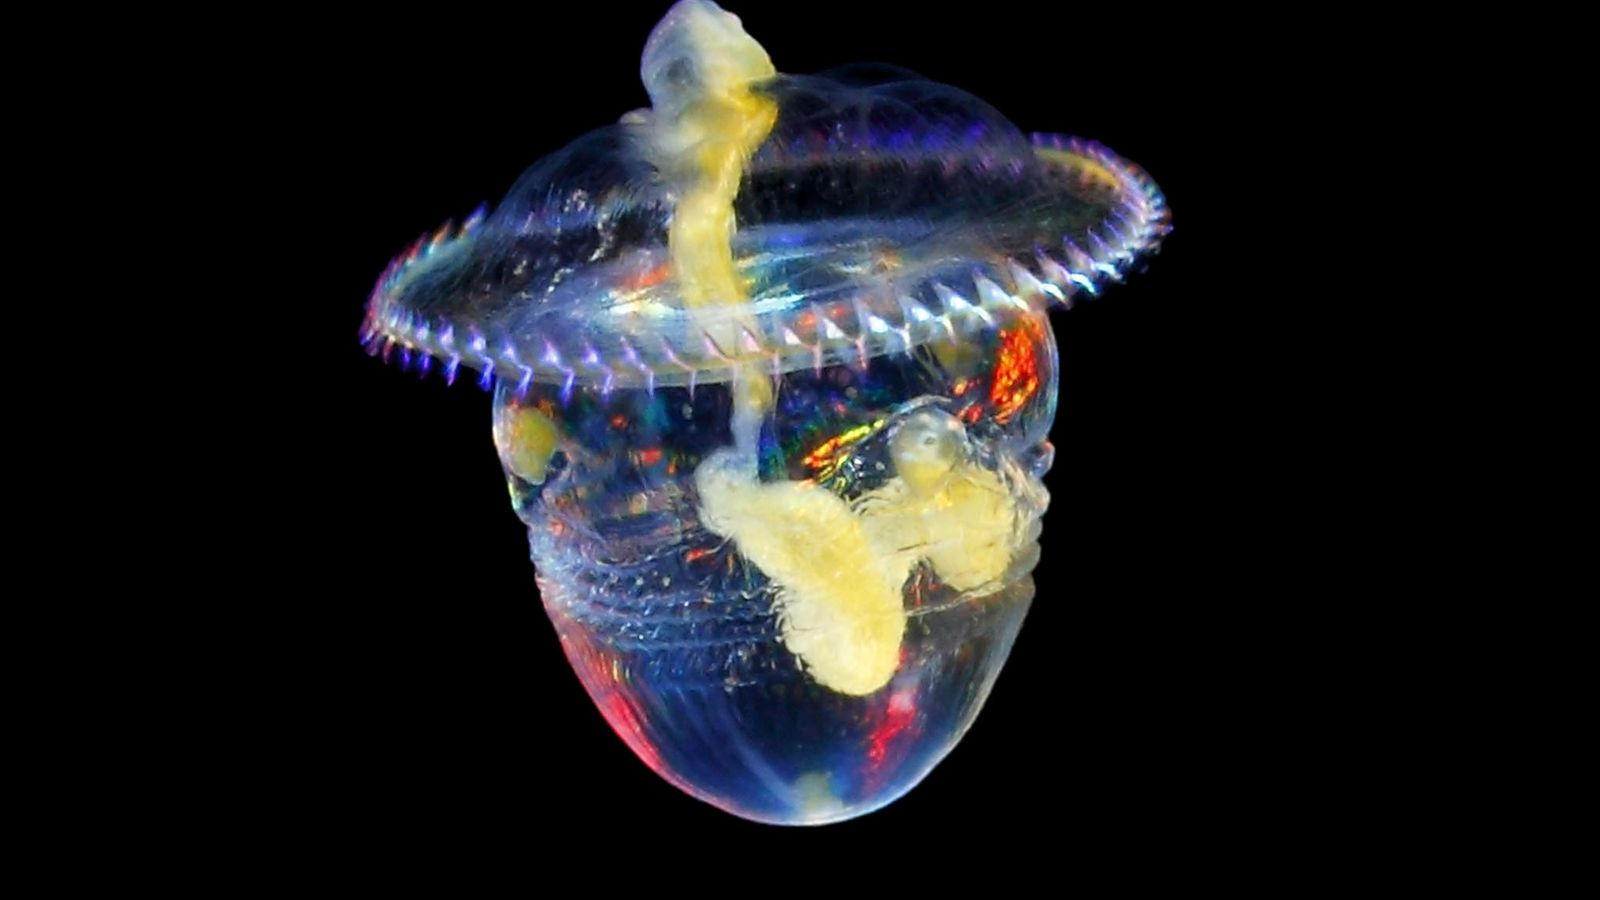 Uma larva de uma sipuncula flutua na água